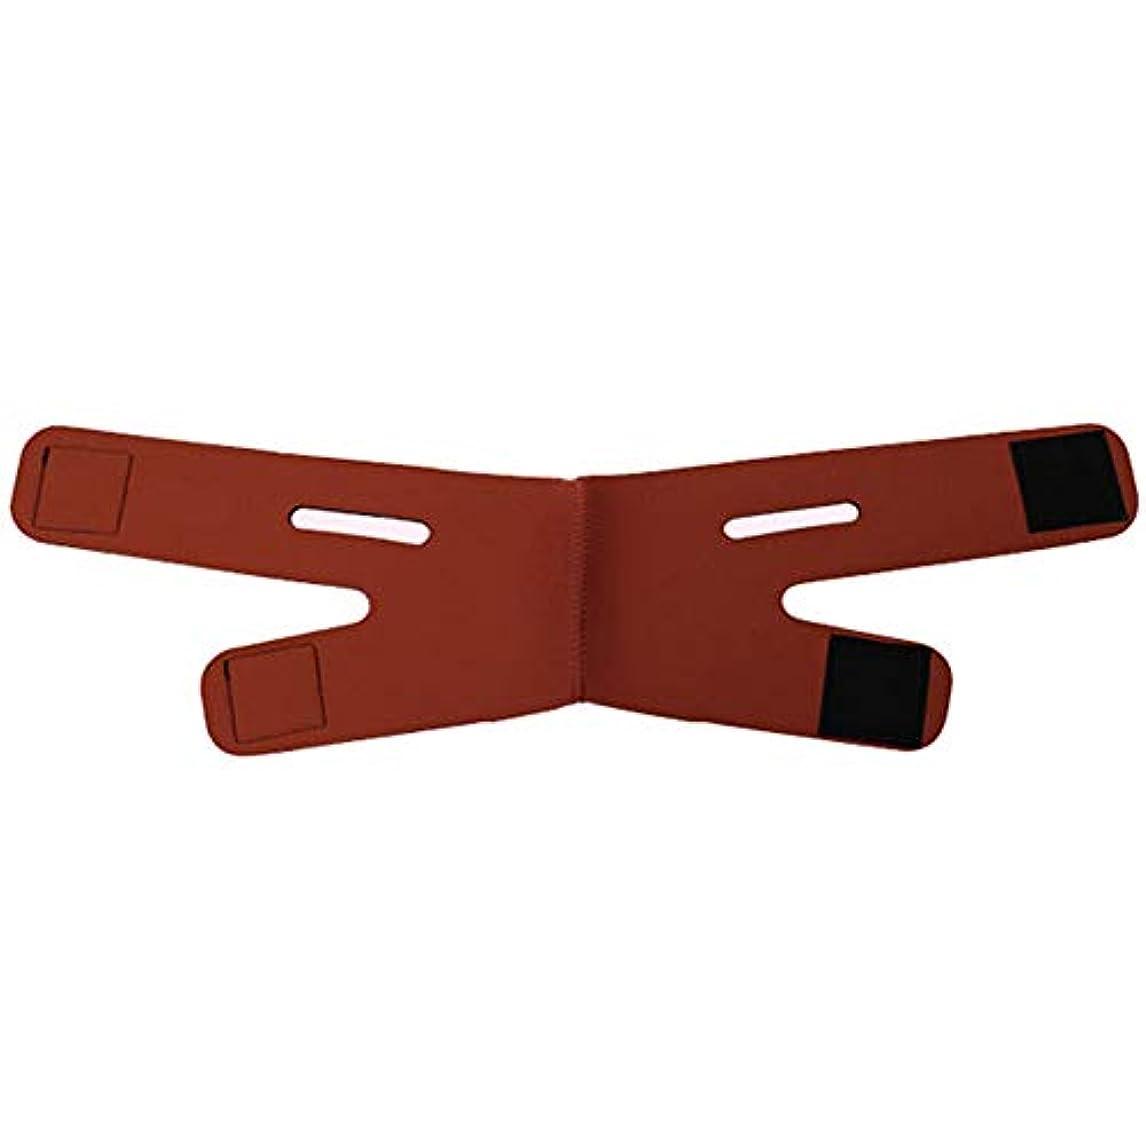 ファーム社会主義者事実GYZ フェイシャルリフティング痩身ベルト圧縮二重あご減量ベルトスキンケア薄い顔包帯二重あごワークアウト Thin Face Belt (Color : Red)